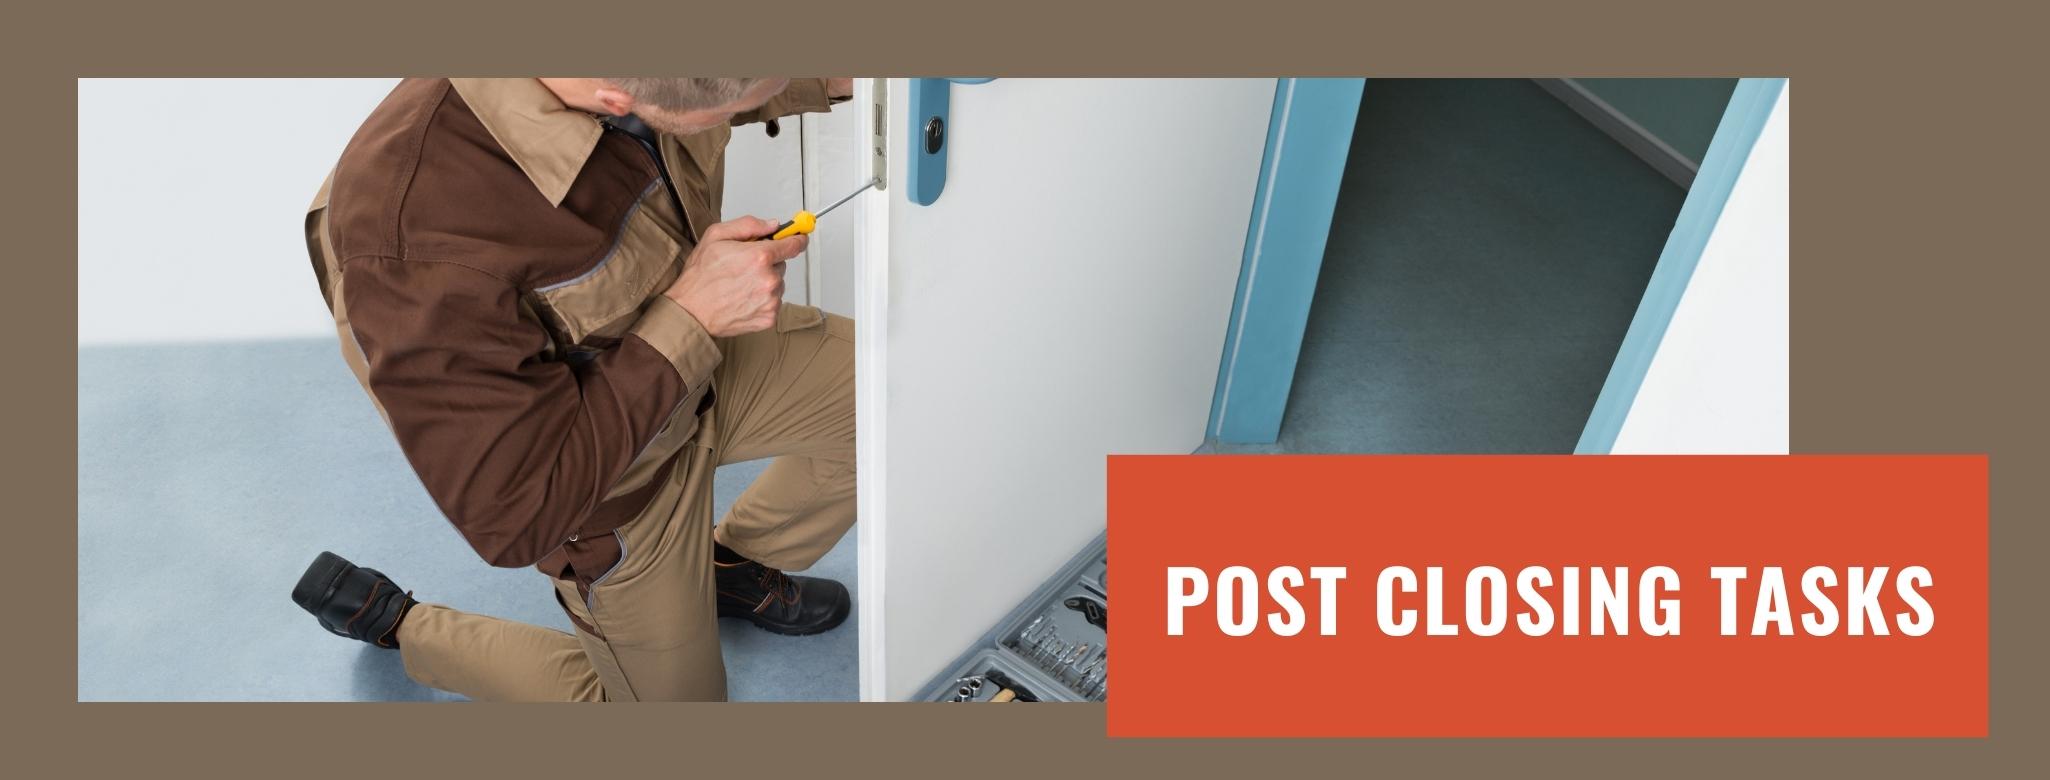 Post Closing Tasks